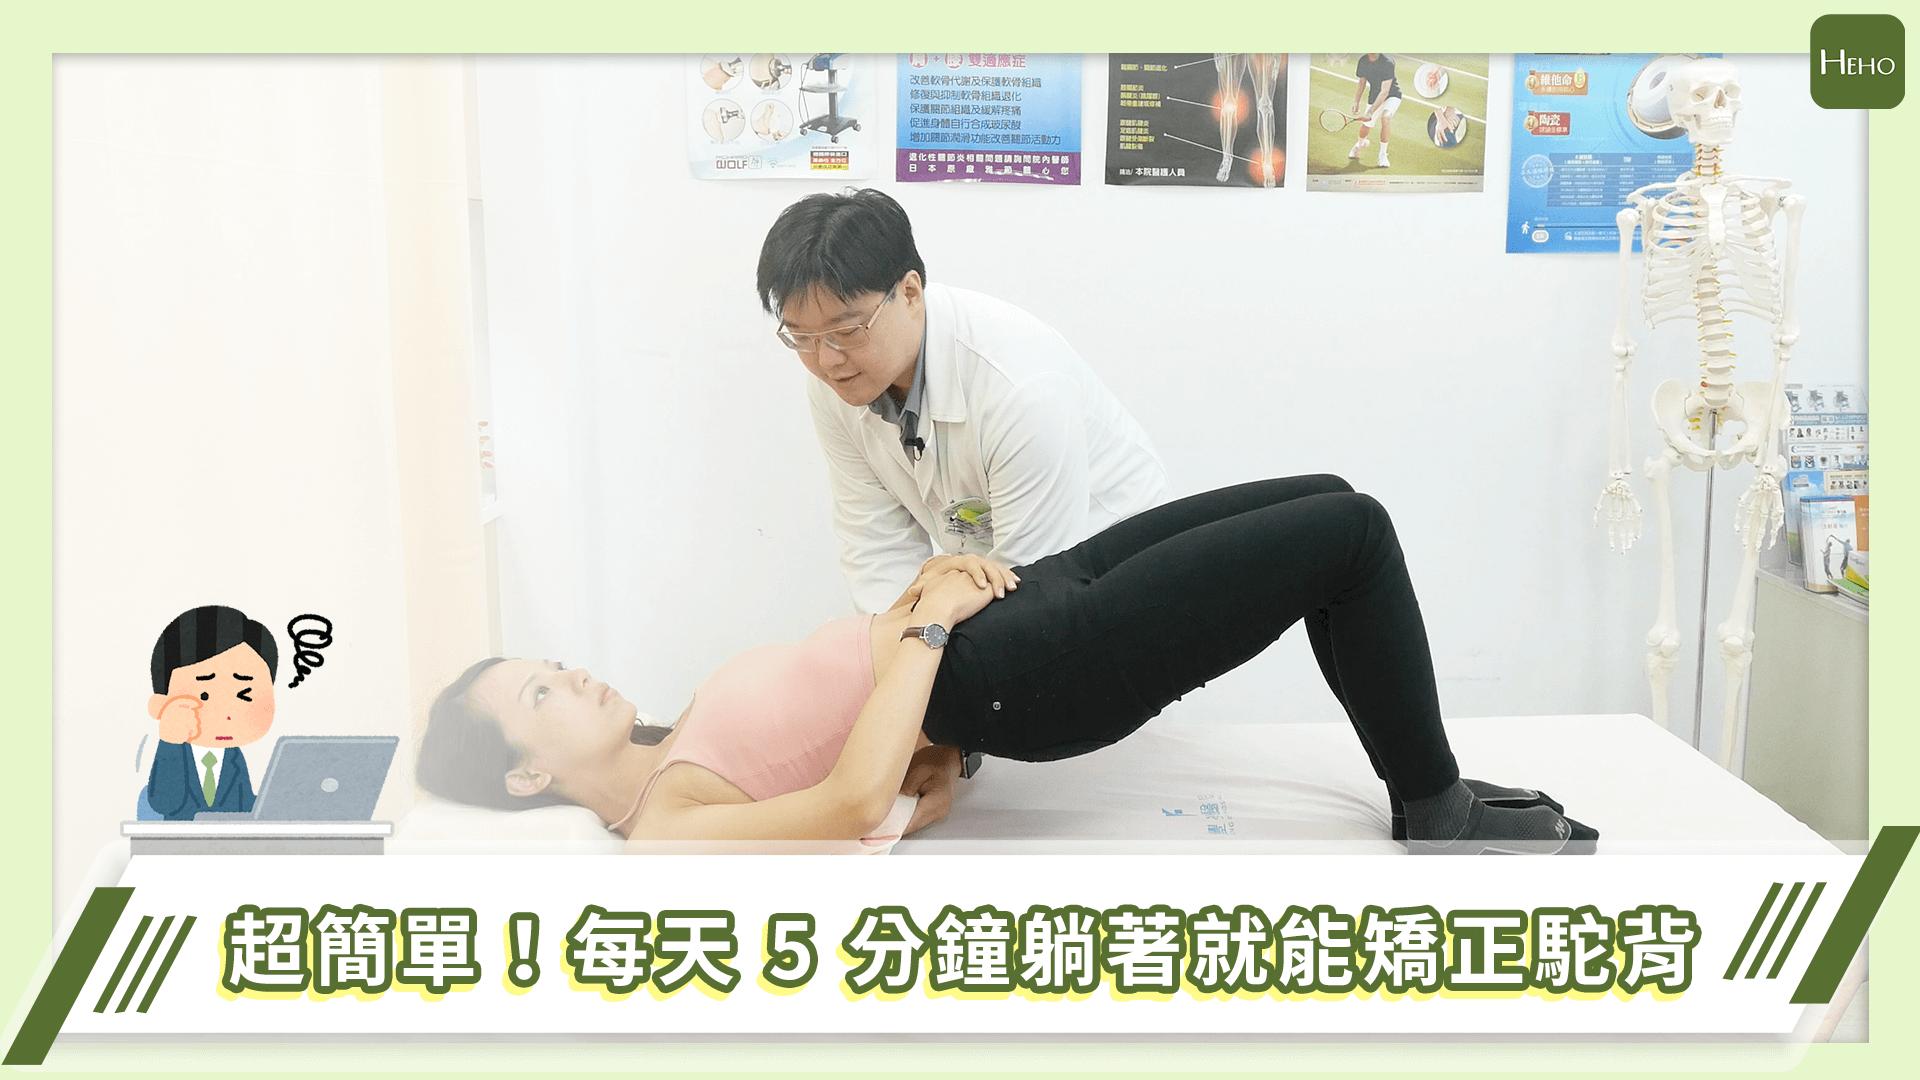 【影音】矯正駝背超簡單!醫師教你每天 5 分鐘躺著就能改善駝背